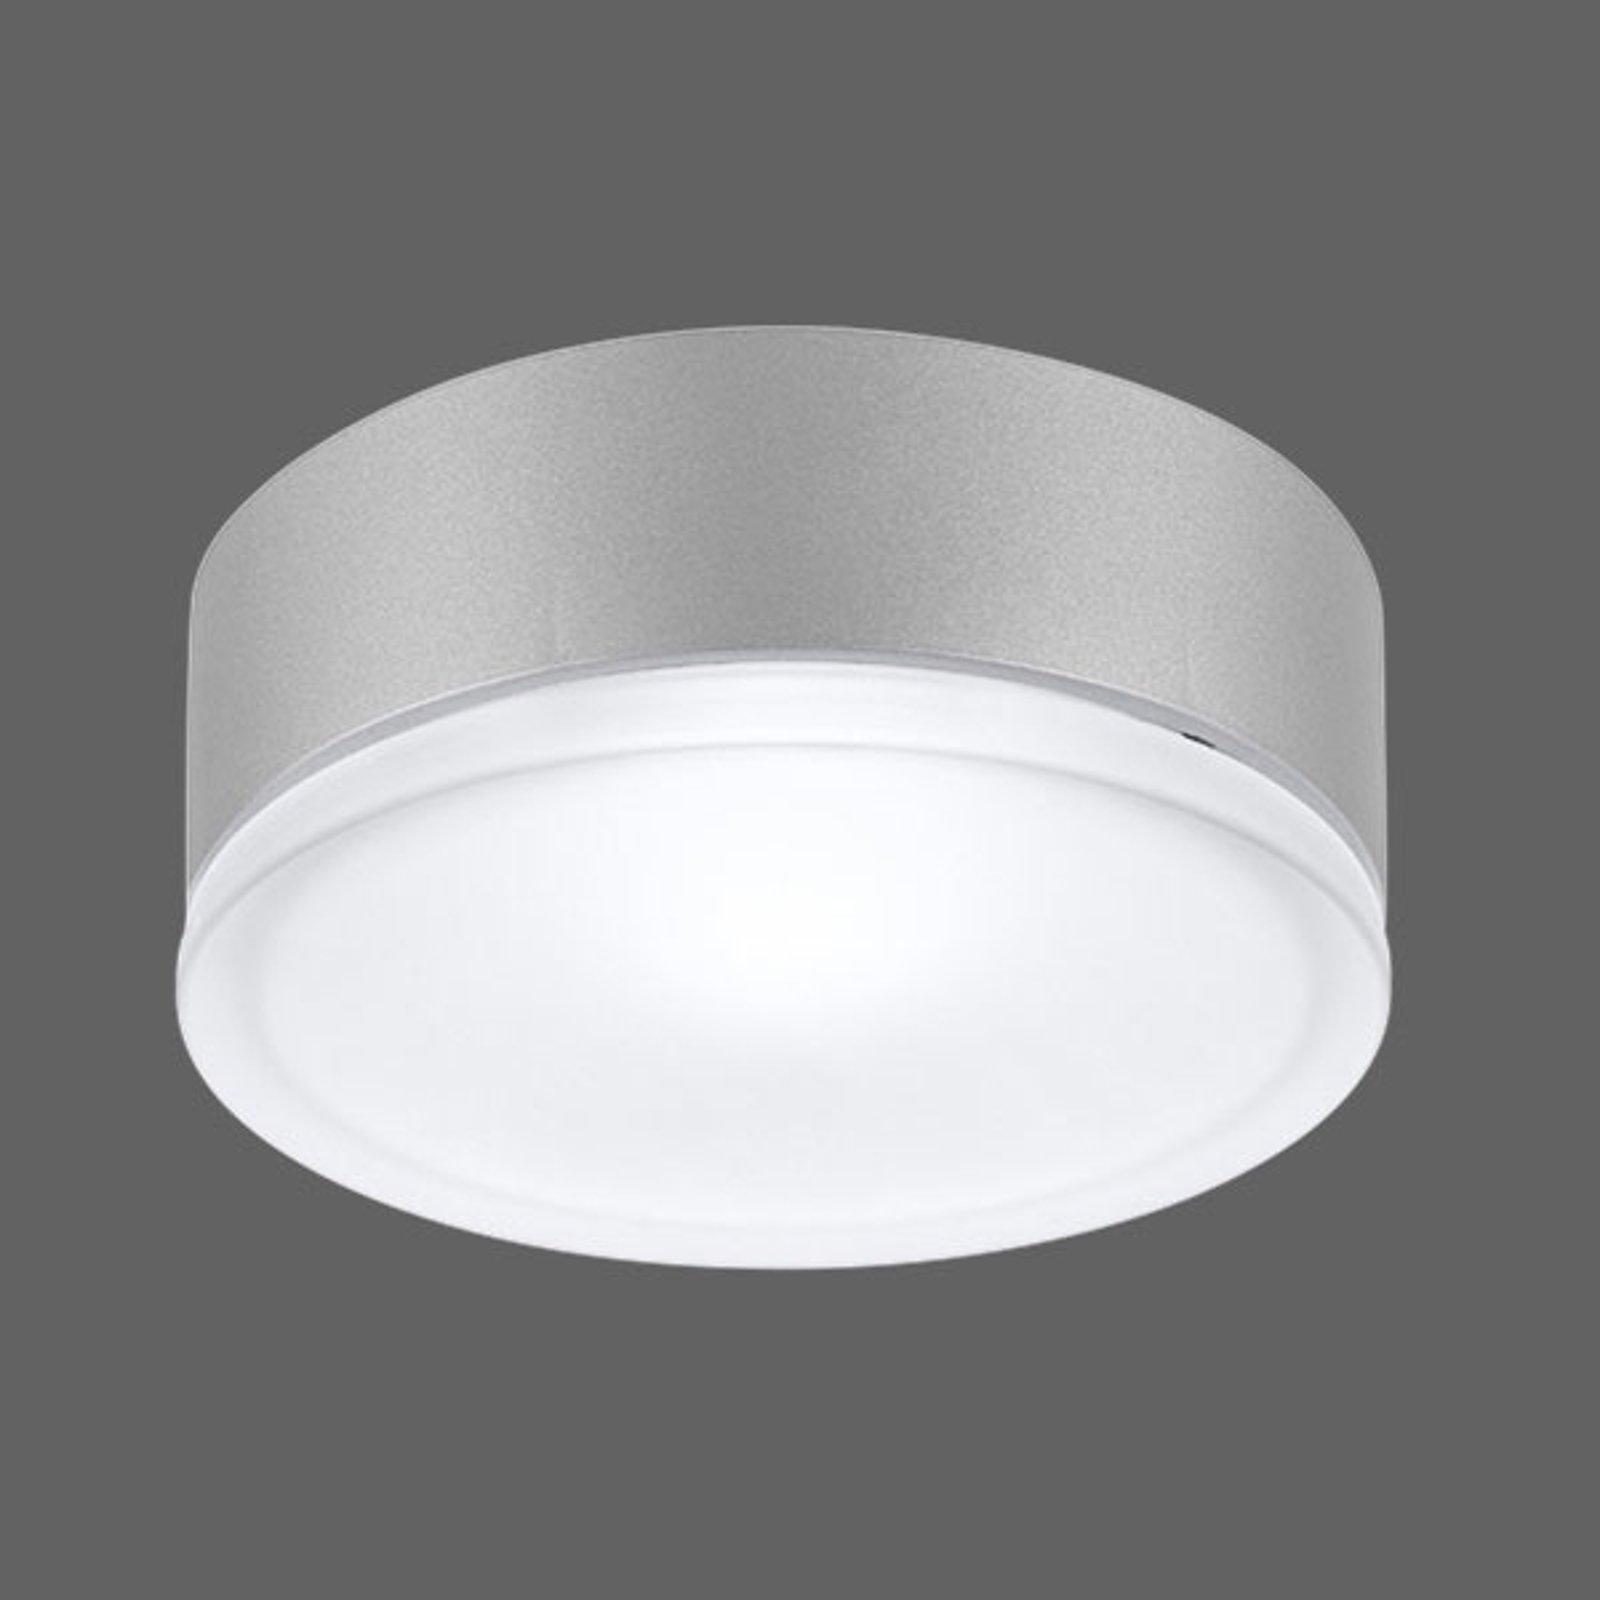 Drop 28 utendørs LED-vegglampe i grå 3 000 K